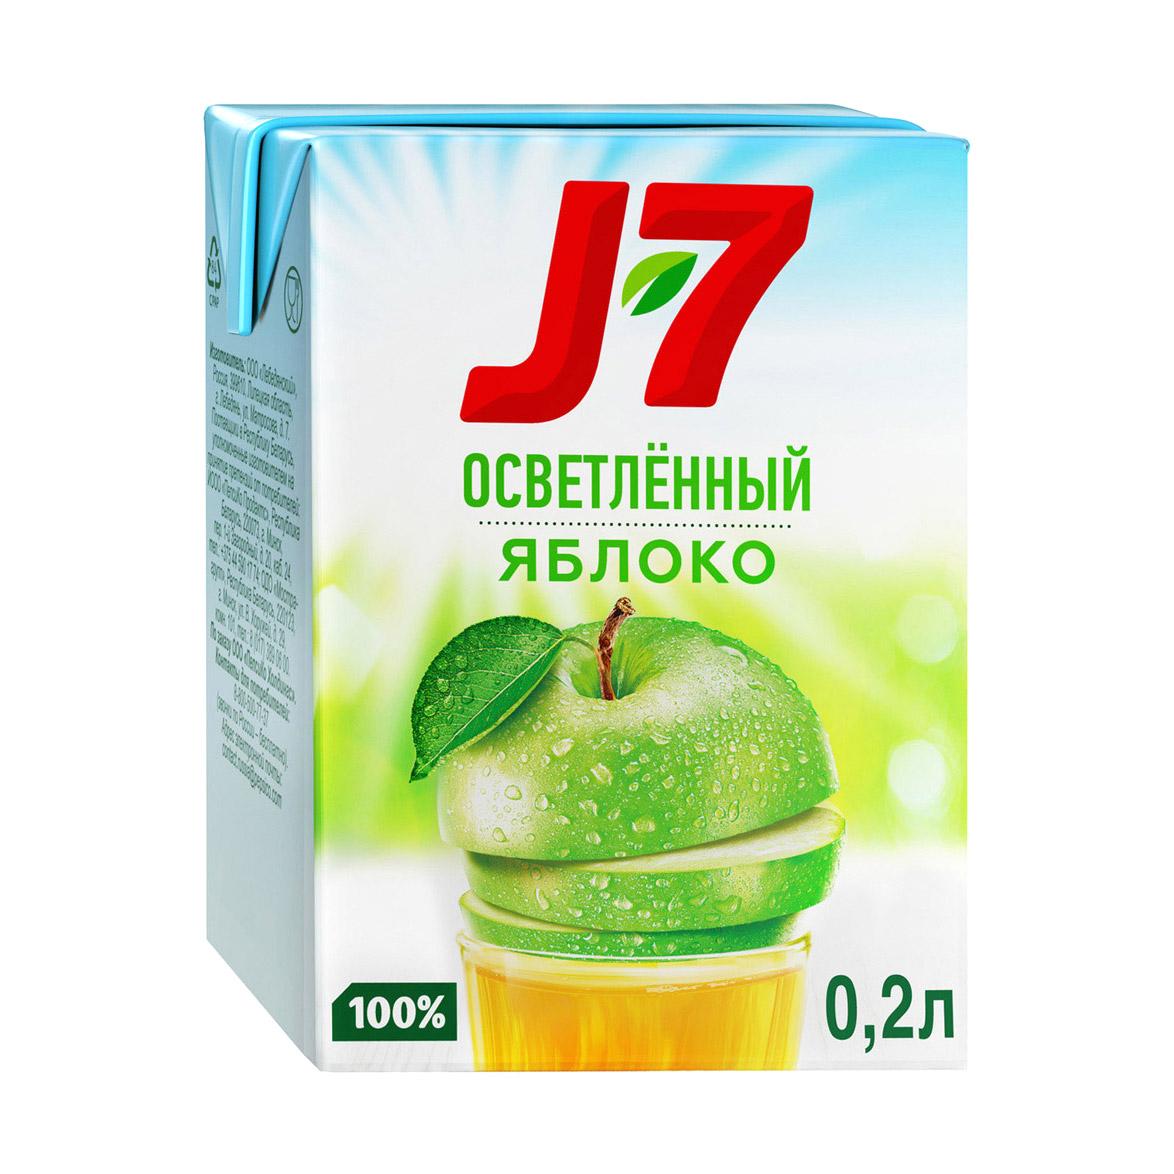 Фото - Сок J7 Яблоко осветленный 200 мл сок томатный j7 тонус 900 мл